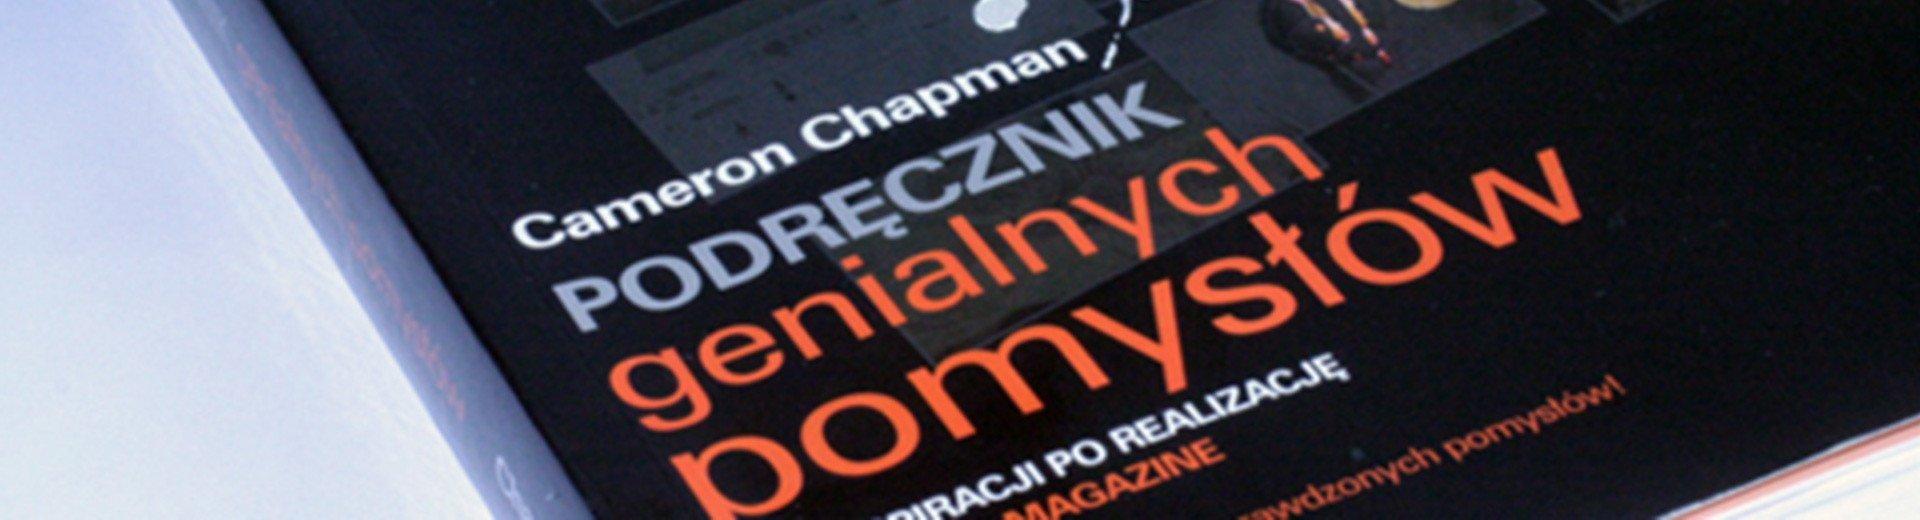 Okładka artykułu Podręcznik genialnych pomysłów — Cameron Chapman – recenzja